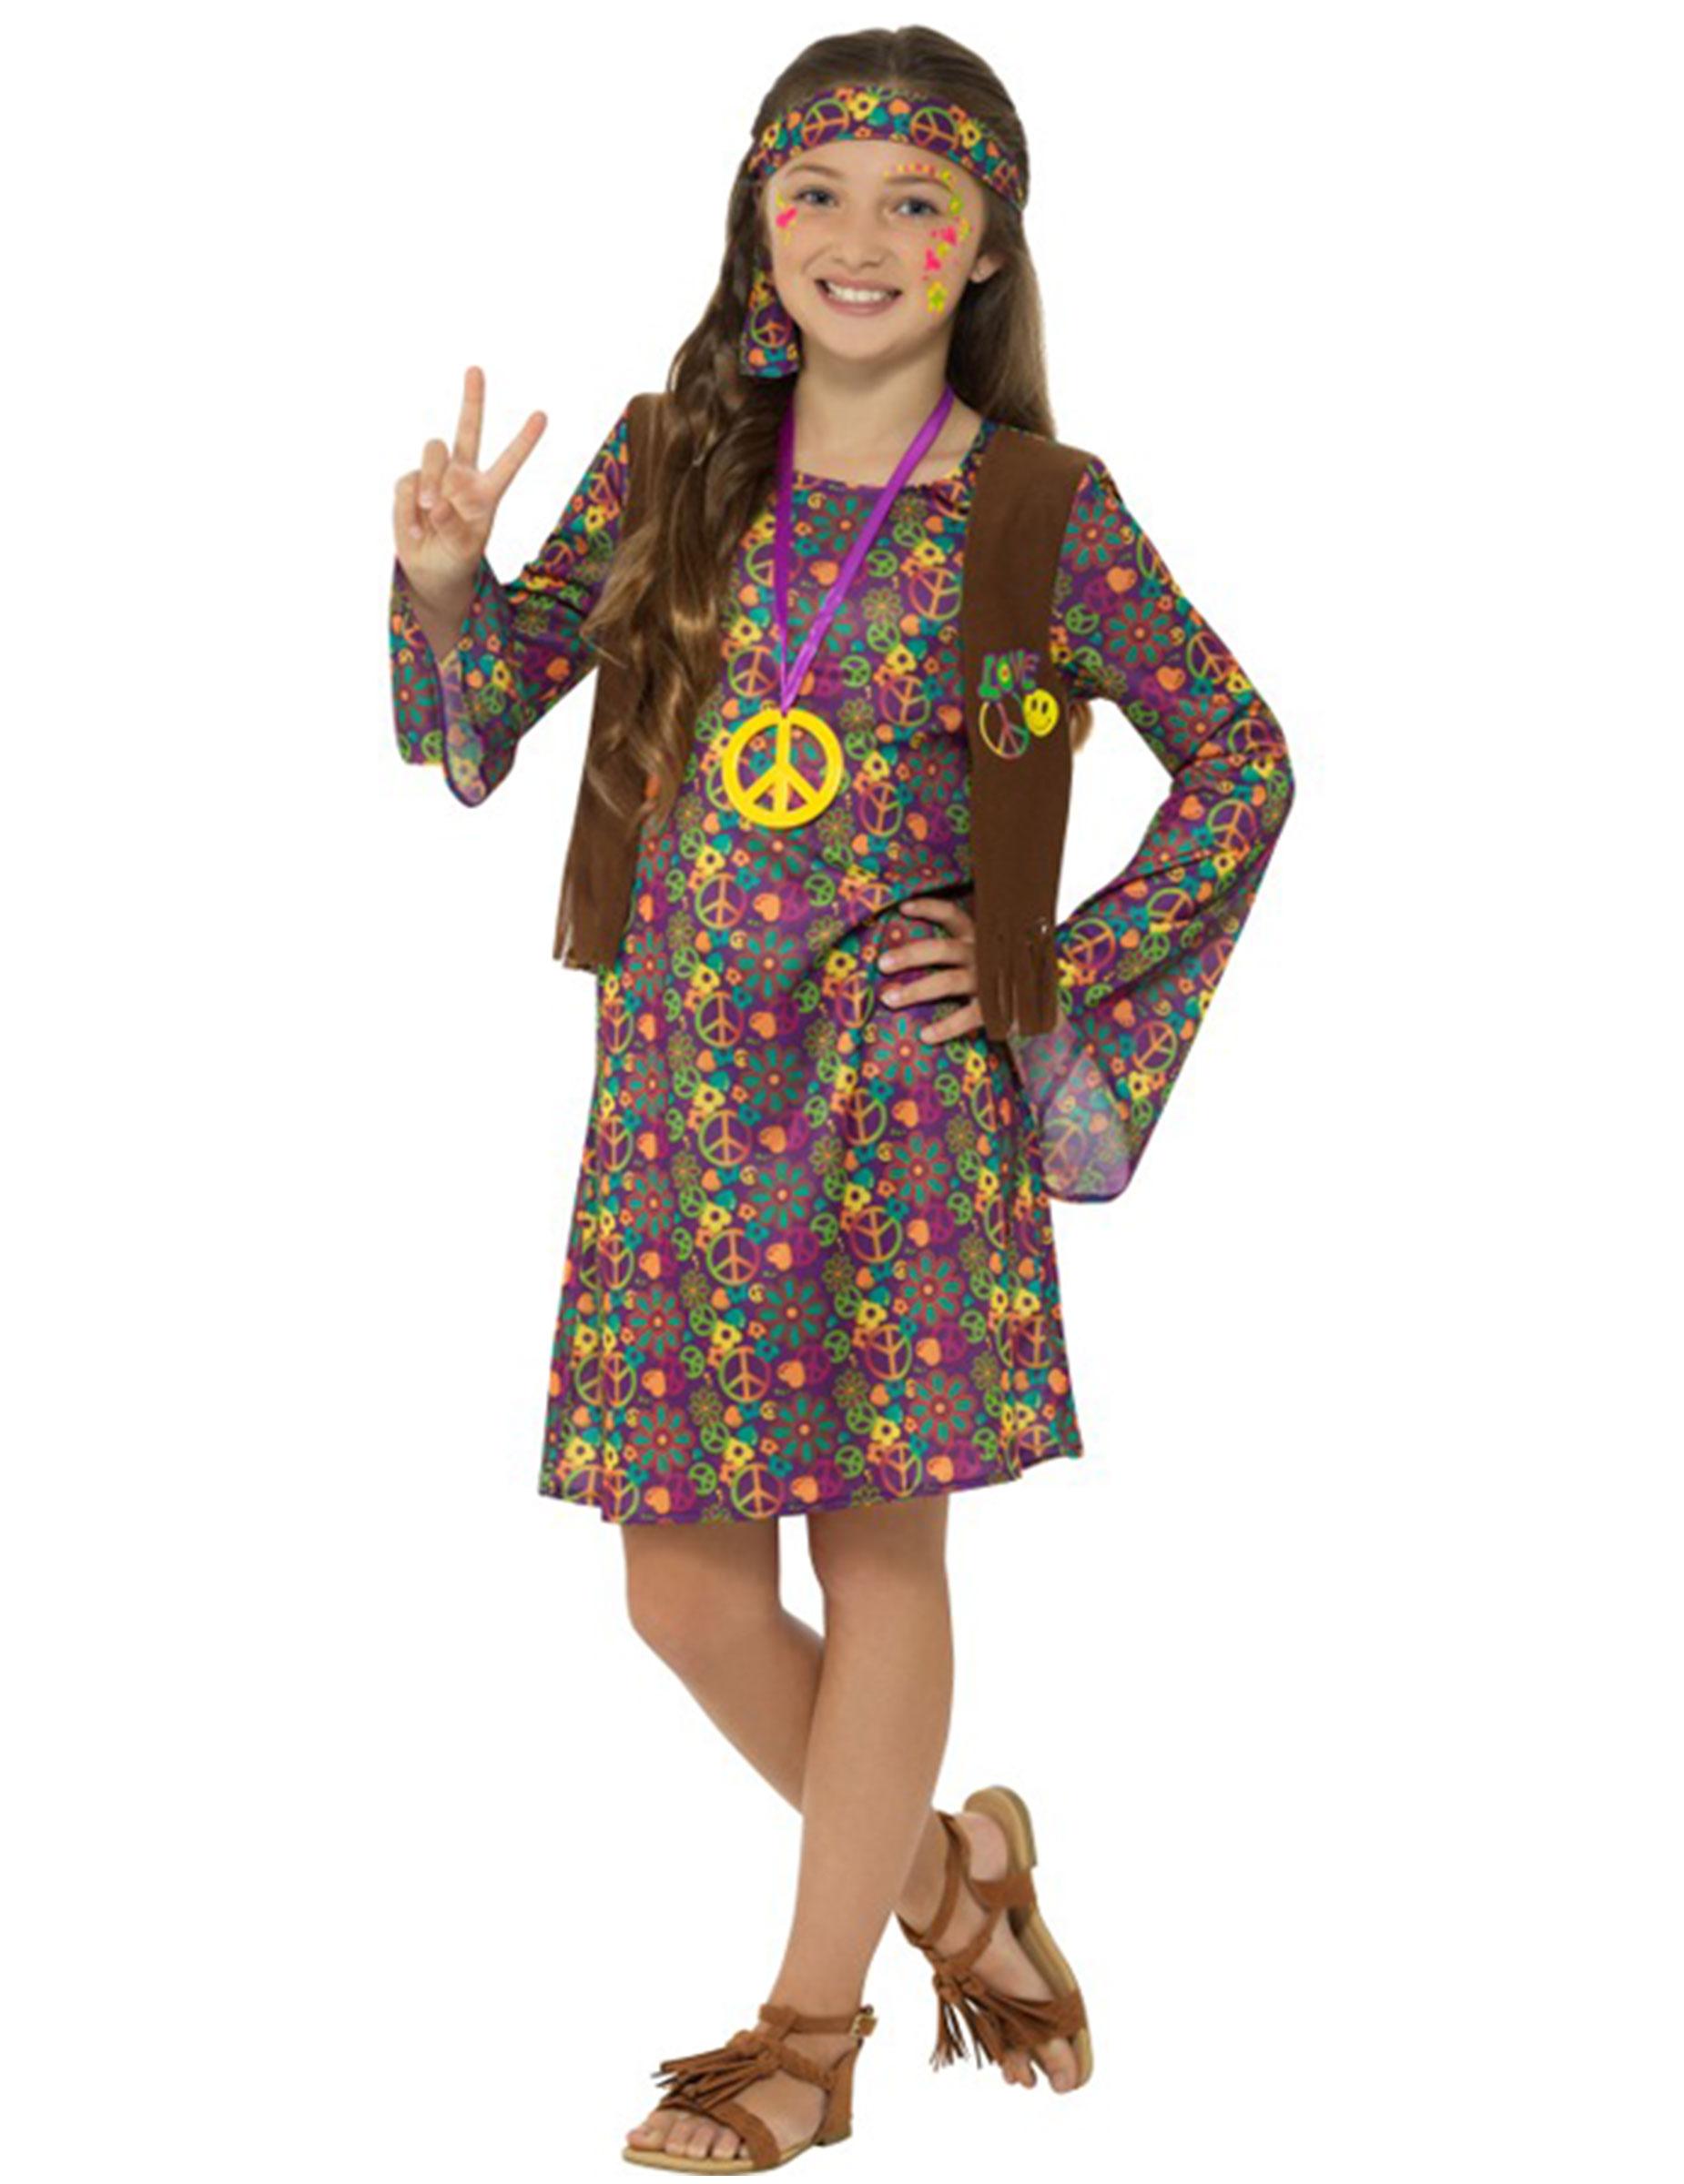 Vestiti Da Da Vestiti Vestiti Bambini Hippie Bambini Bambini Hippie 7ybYgvIf6